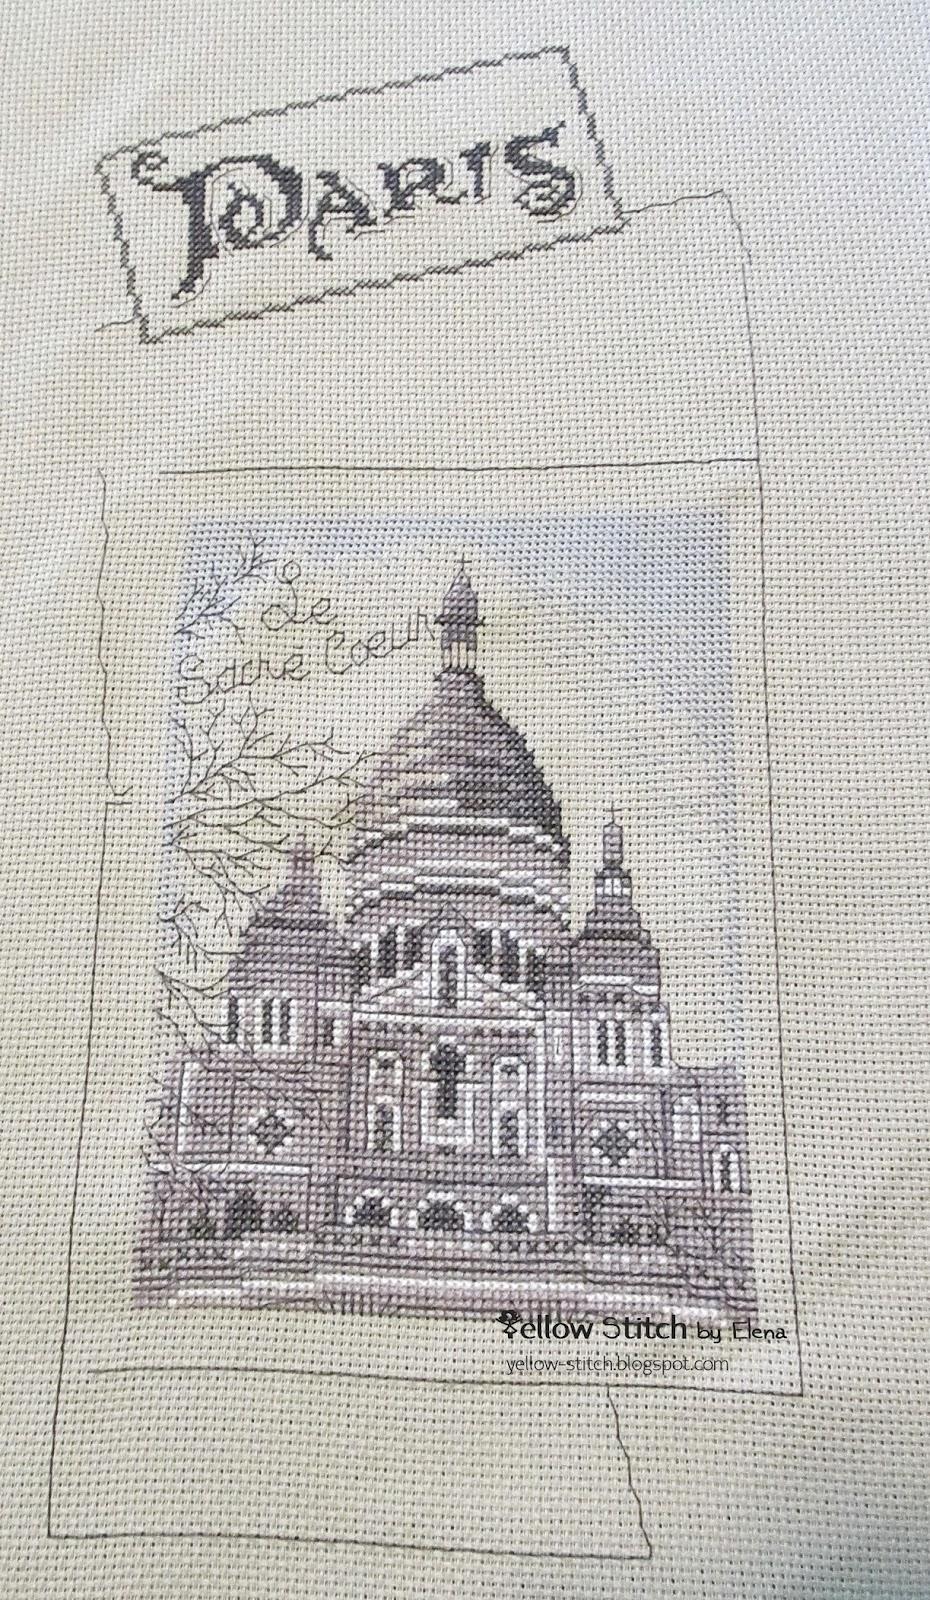 схема крестом кафе в париже